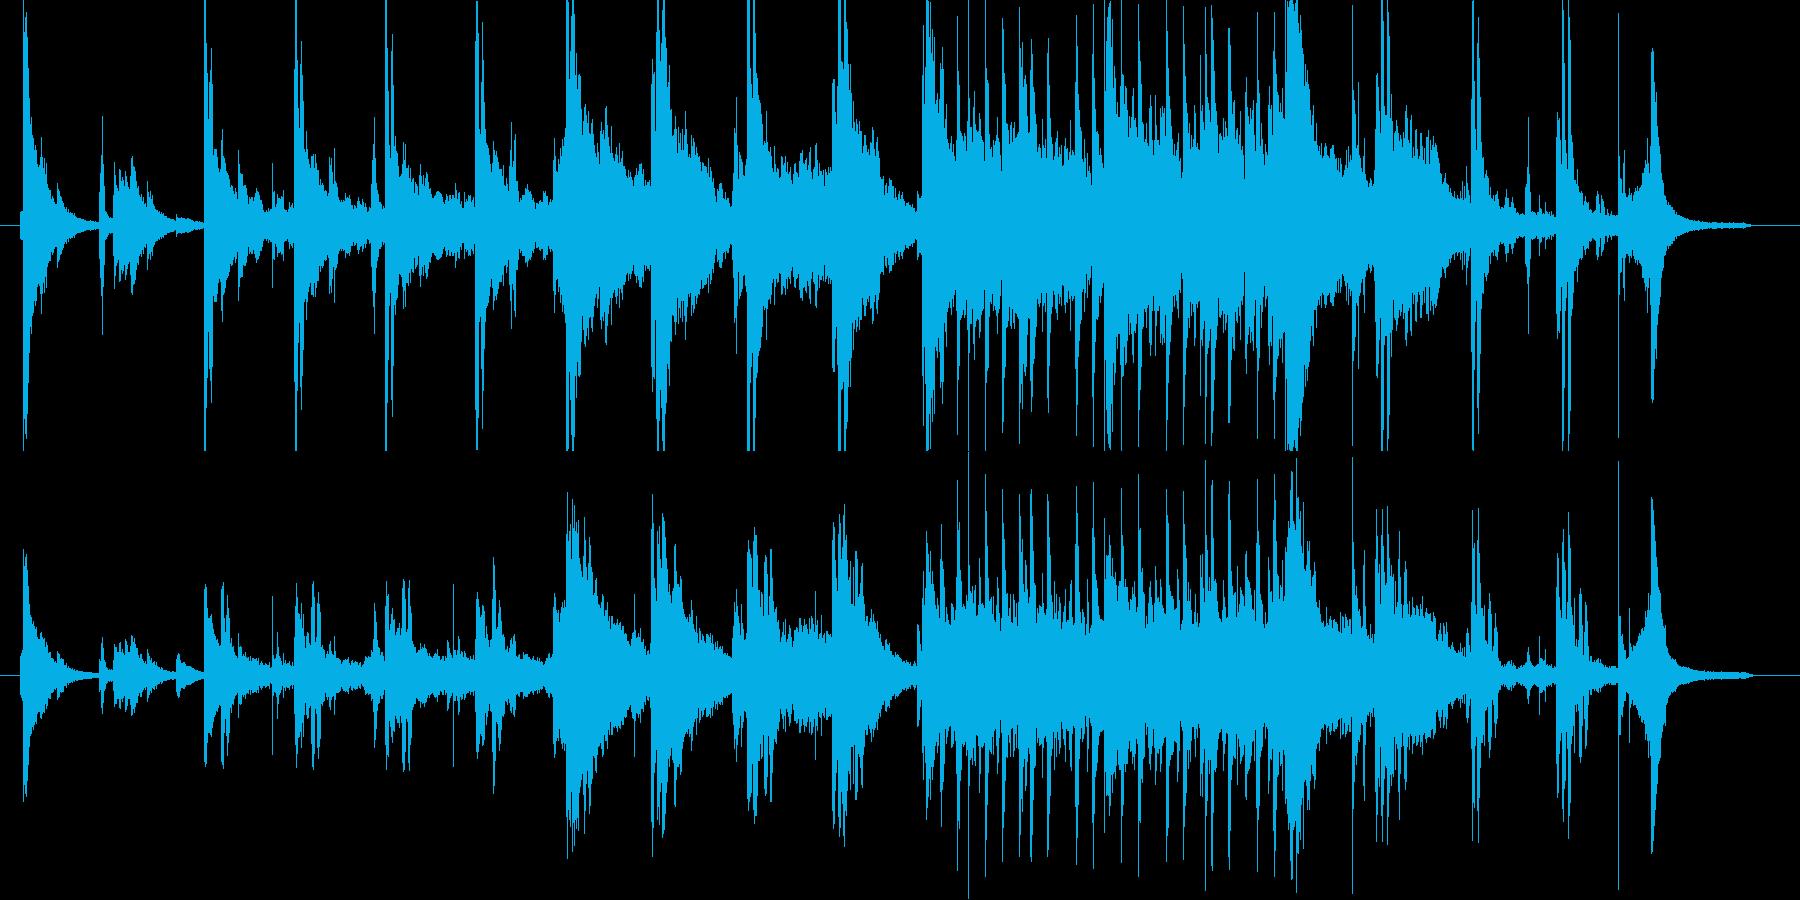 不思議な雰囲気の幻想曲の再生済みの波形